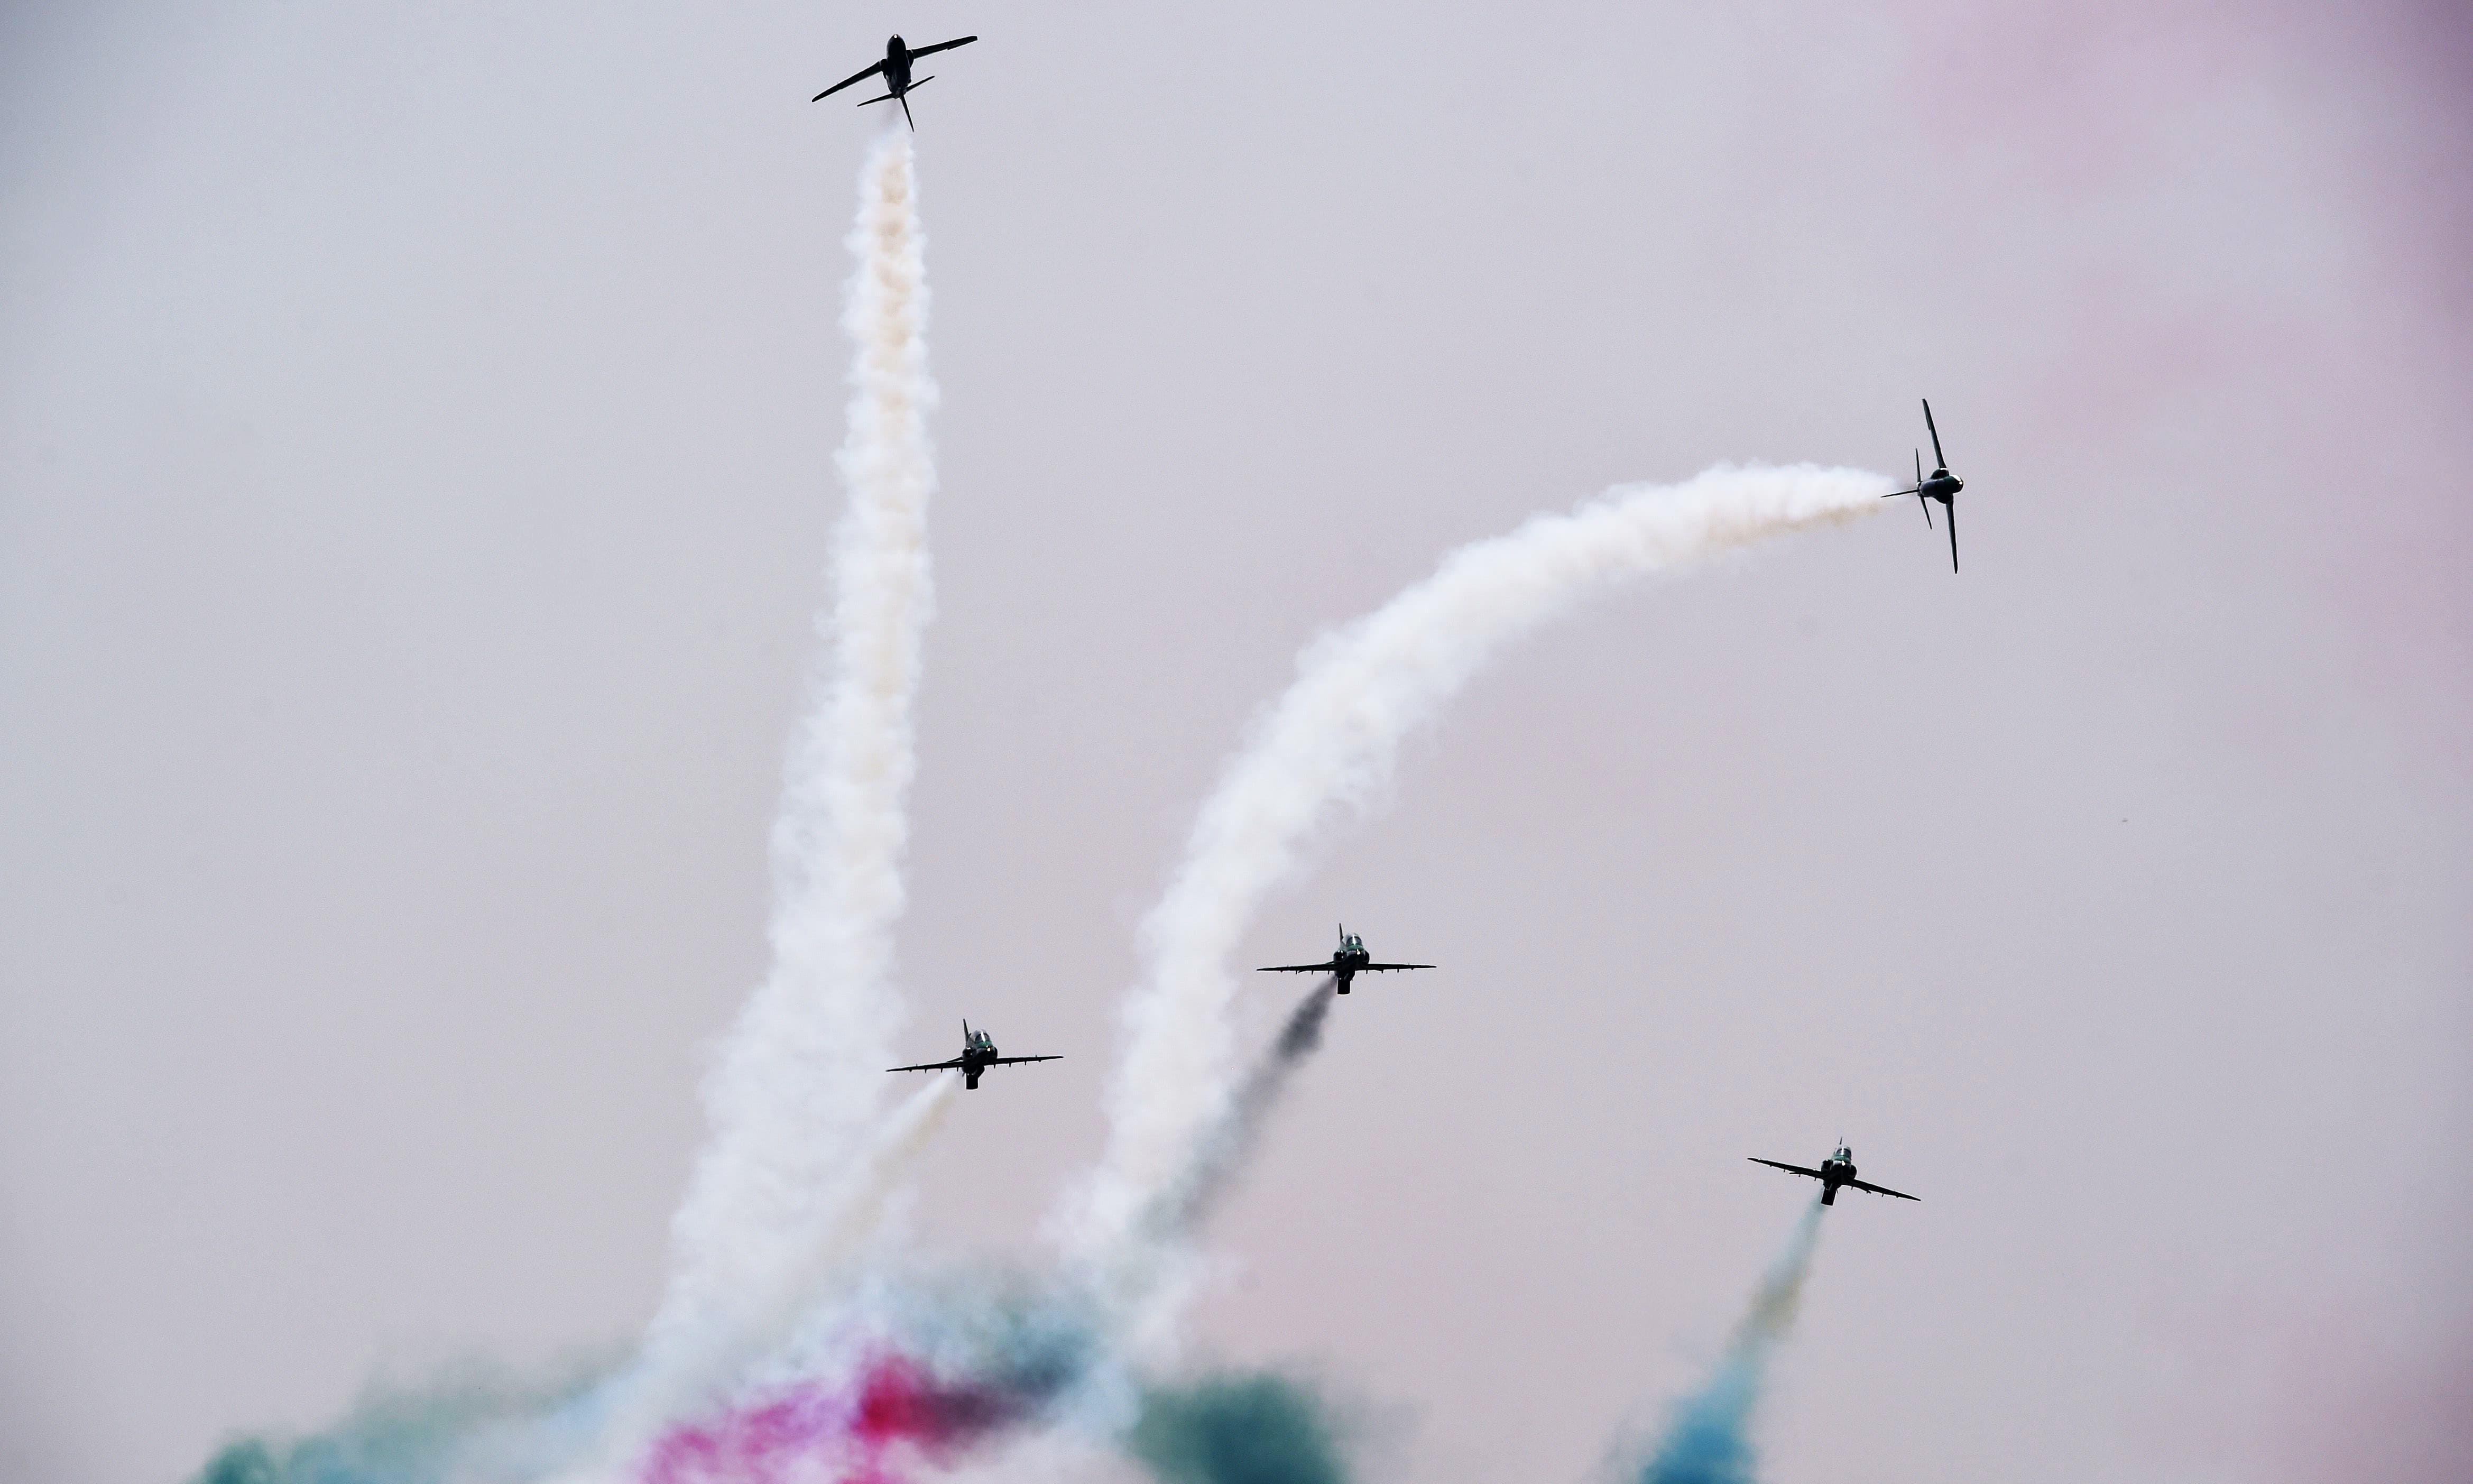 جشن آزادی کی تقریب سے قبل ریہرسل کے دوران ایروبیٹک ٹیم پرفارم کر رہی ہے — فوٹو: اے ایف پی